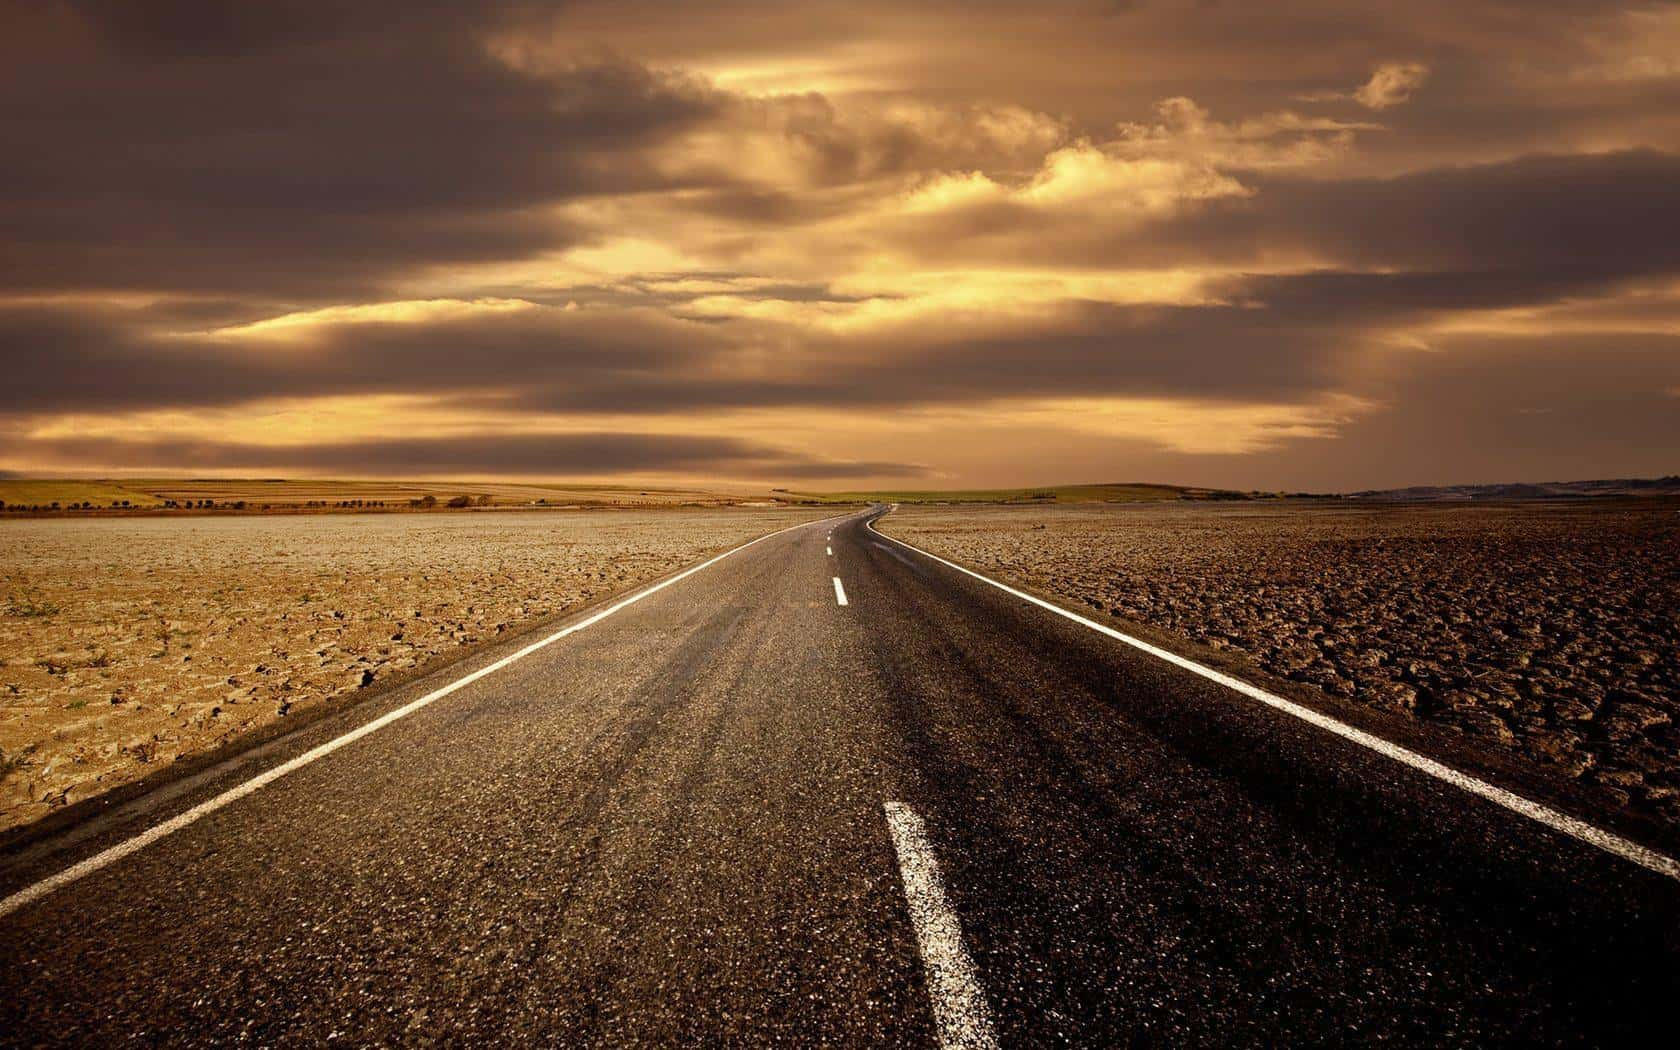 é permitido dirigir em rodovias com a provisória